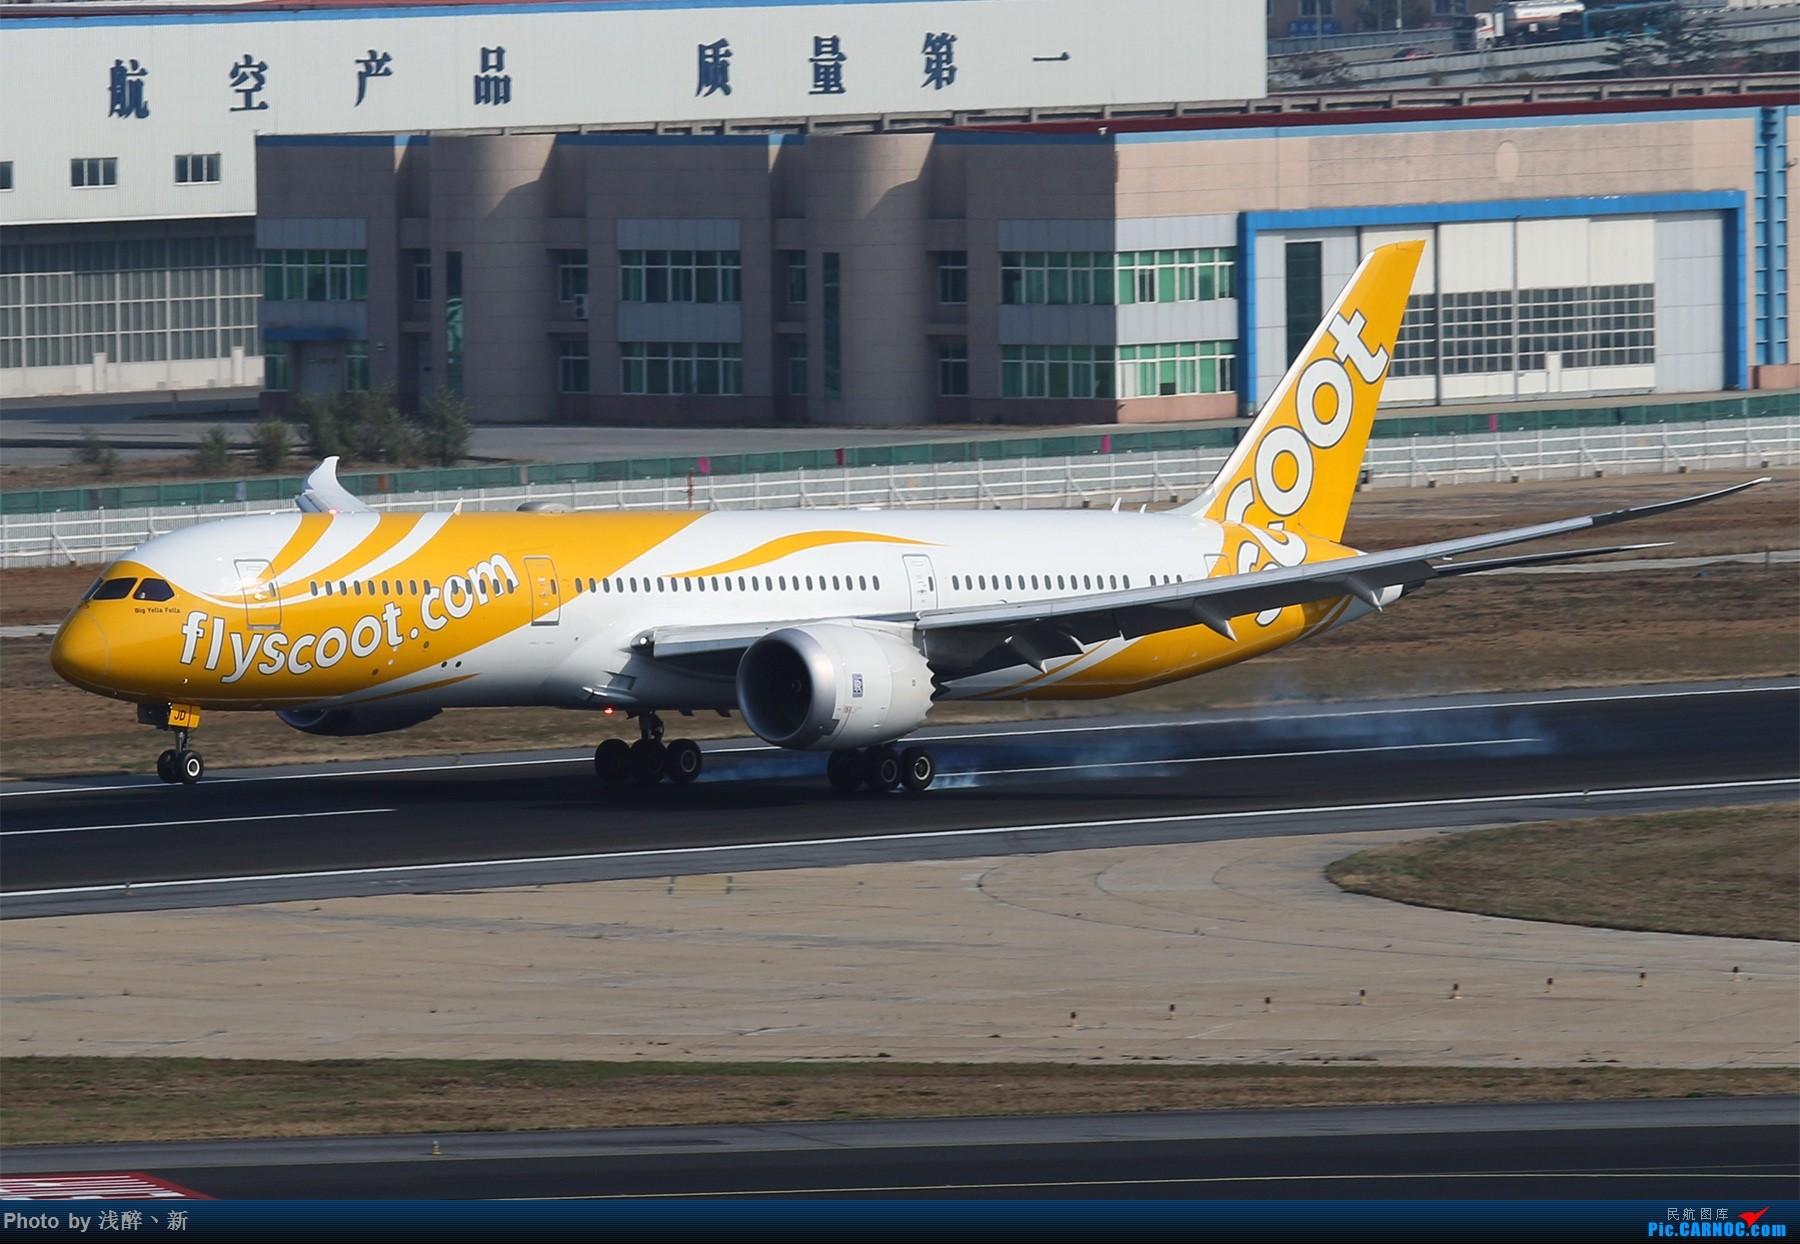 """酷航(Scoot)是新加坡航空公司旗下的长途航线廉价航空公司。于2011年5月由母公司新加坡航空宣告成立[1];同年11月1日正式定名为酷航""""。酷航宣称其机票会比普通航空公司便宜最多达 40%,使用从母公司获得的波音777客机运营,初期主要运营往澳大利亚和中国的航线。..."""